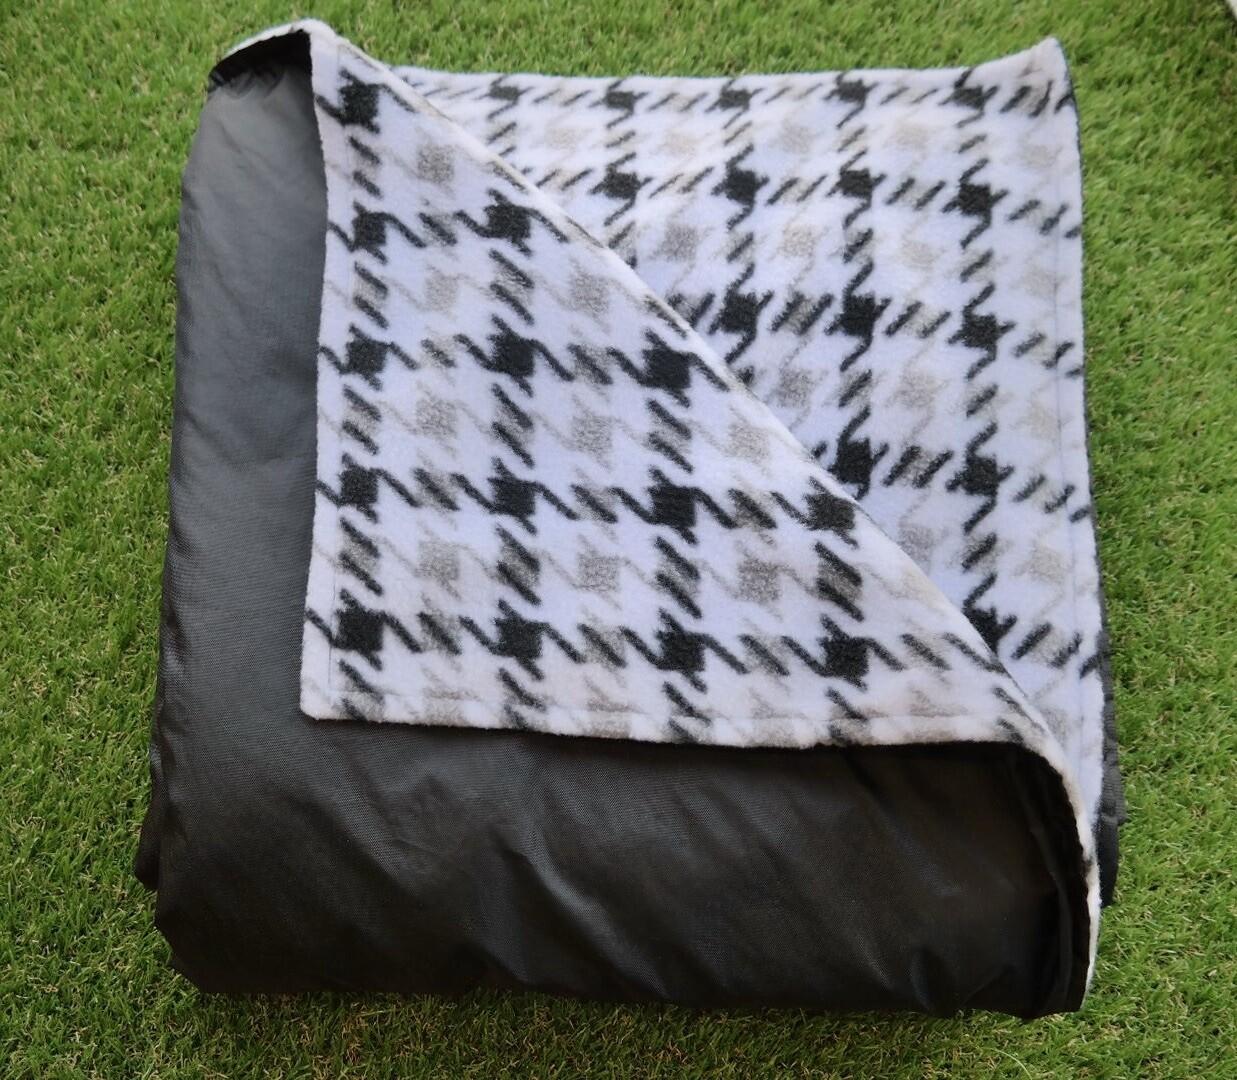 Pitt Patt Blanket 8F- Black/Black&White Houndstooth